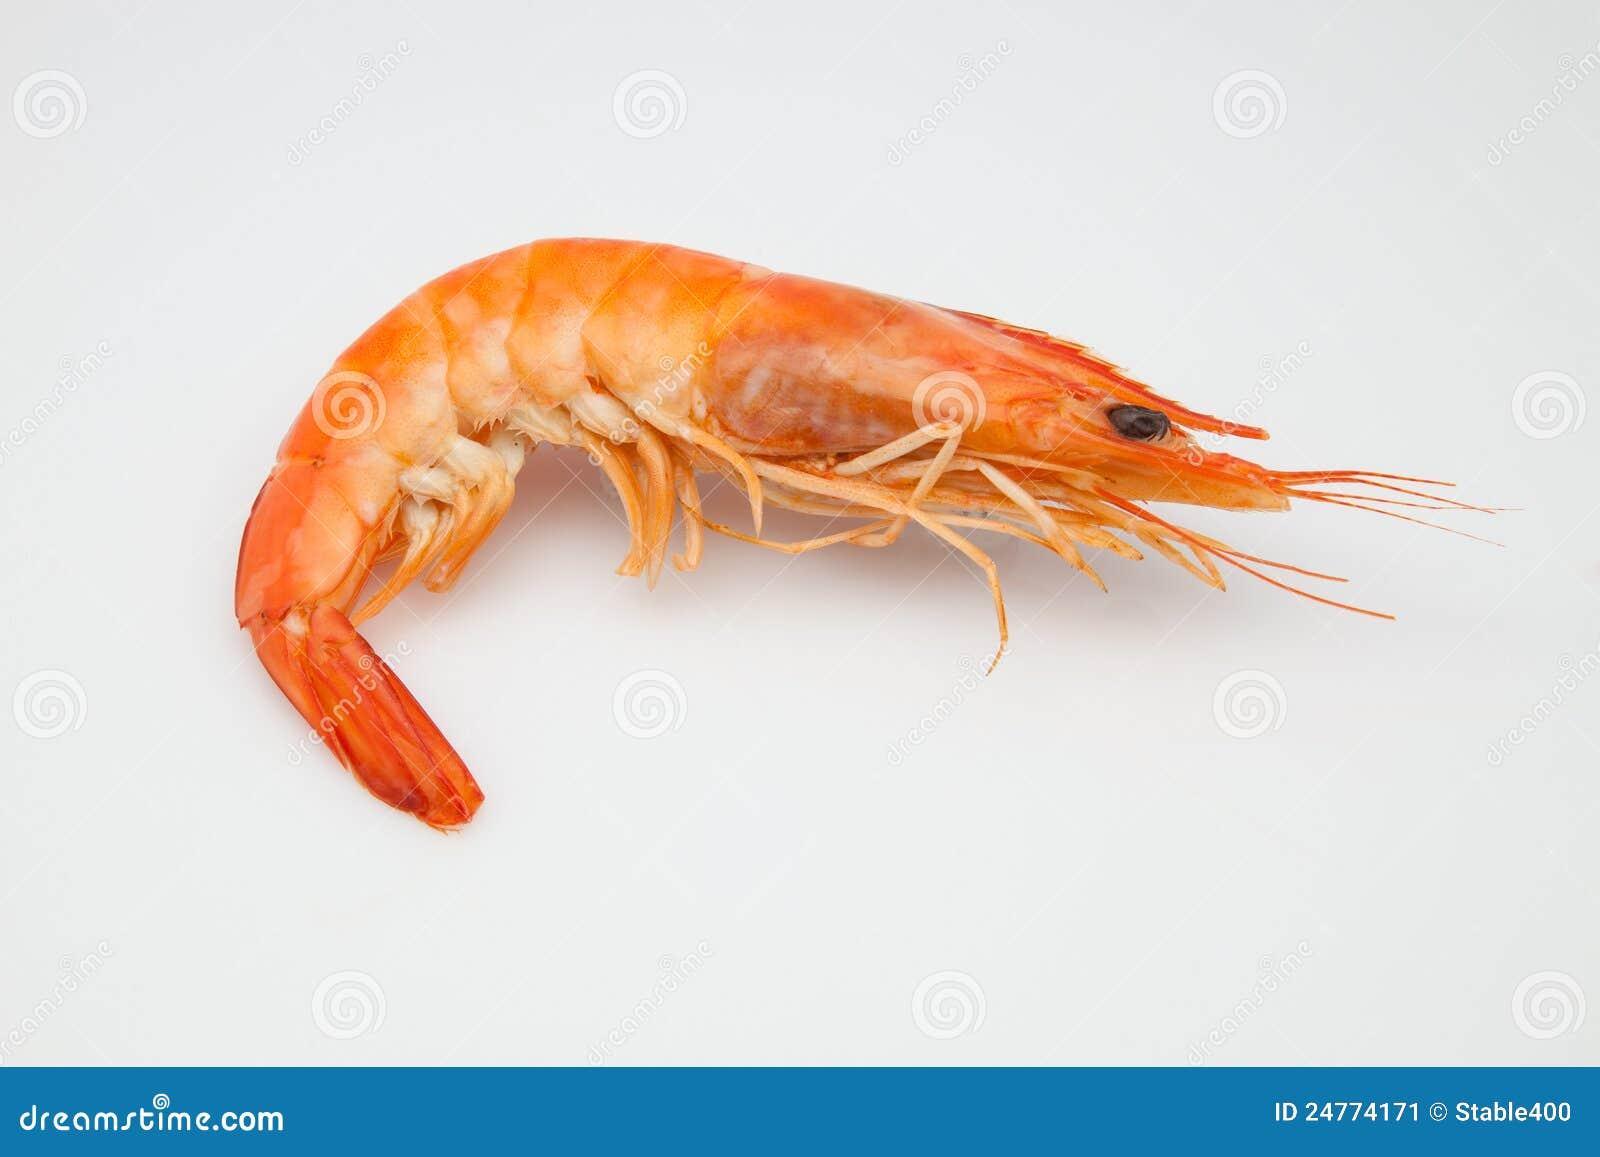 Shrimp Stock Image - Image: 24774171